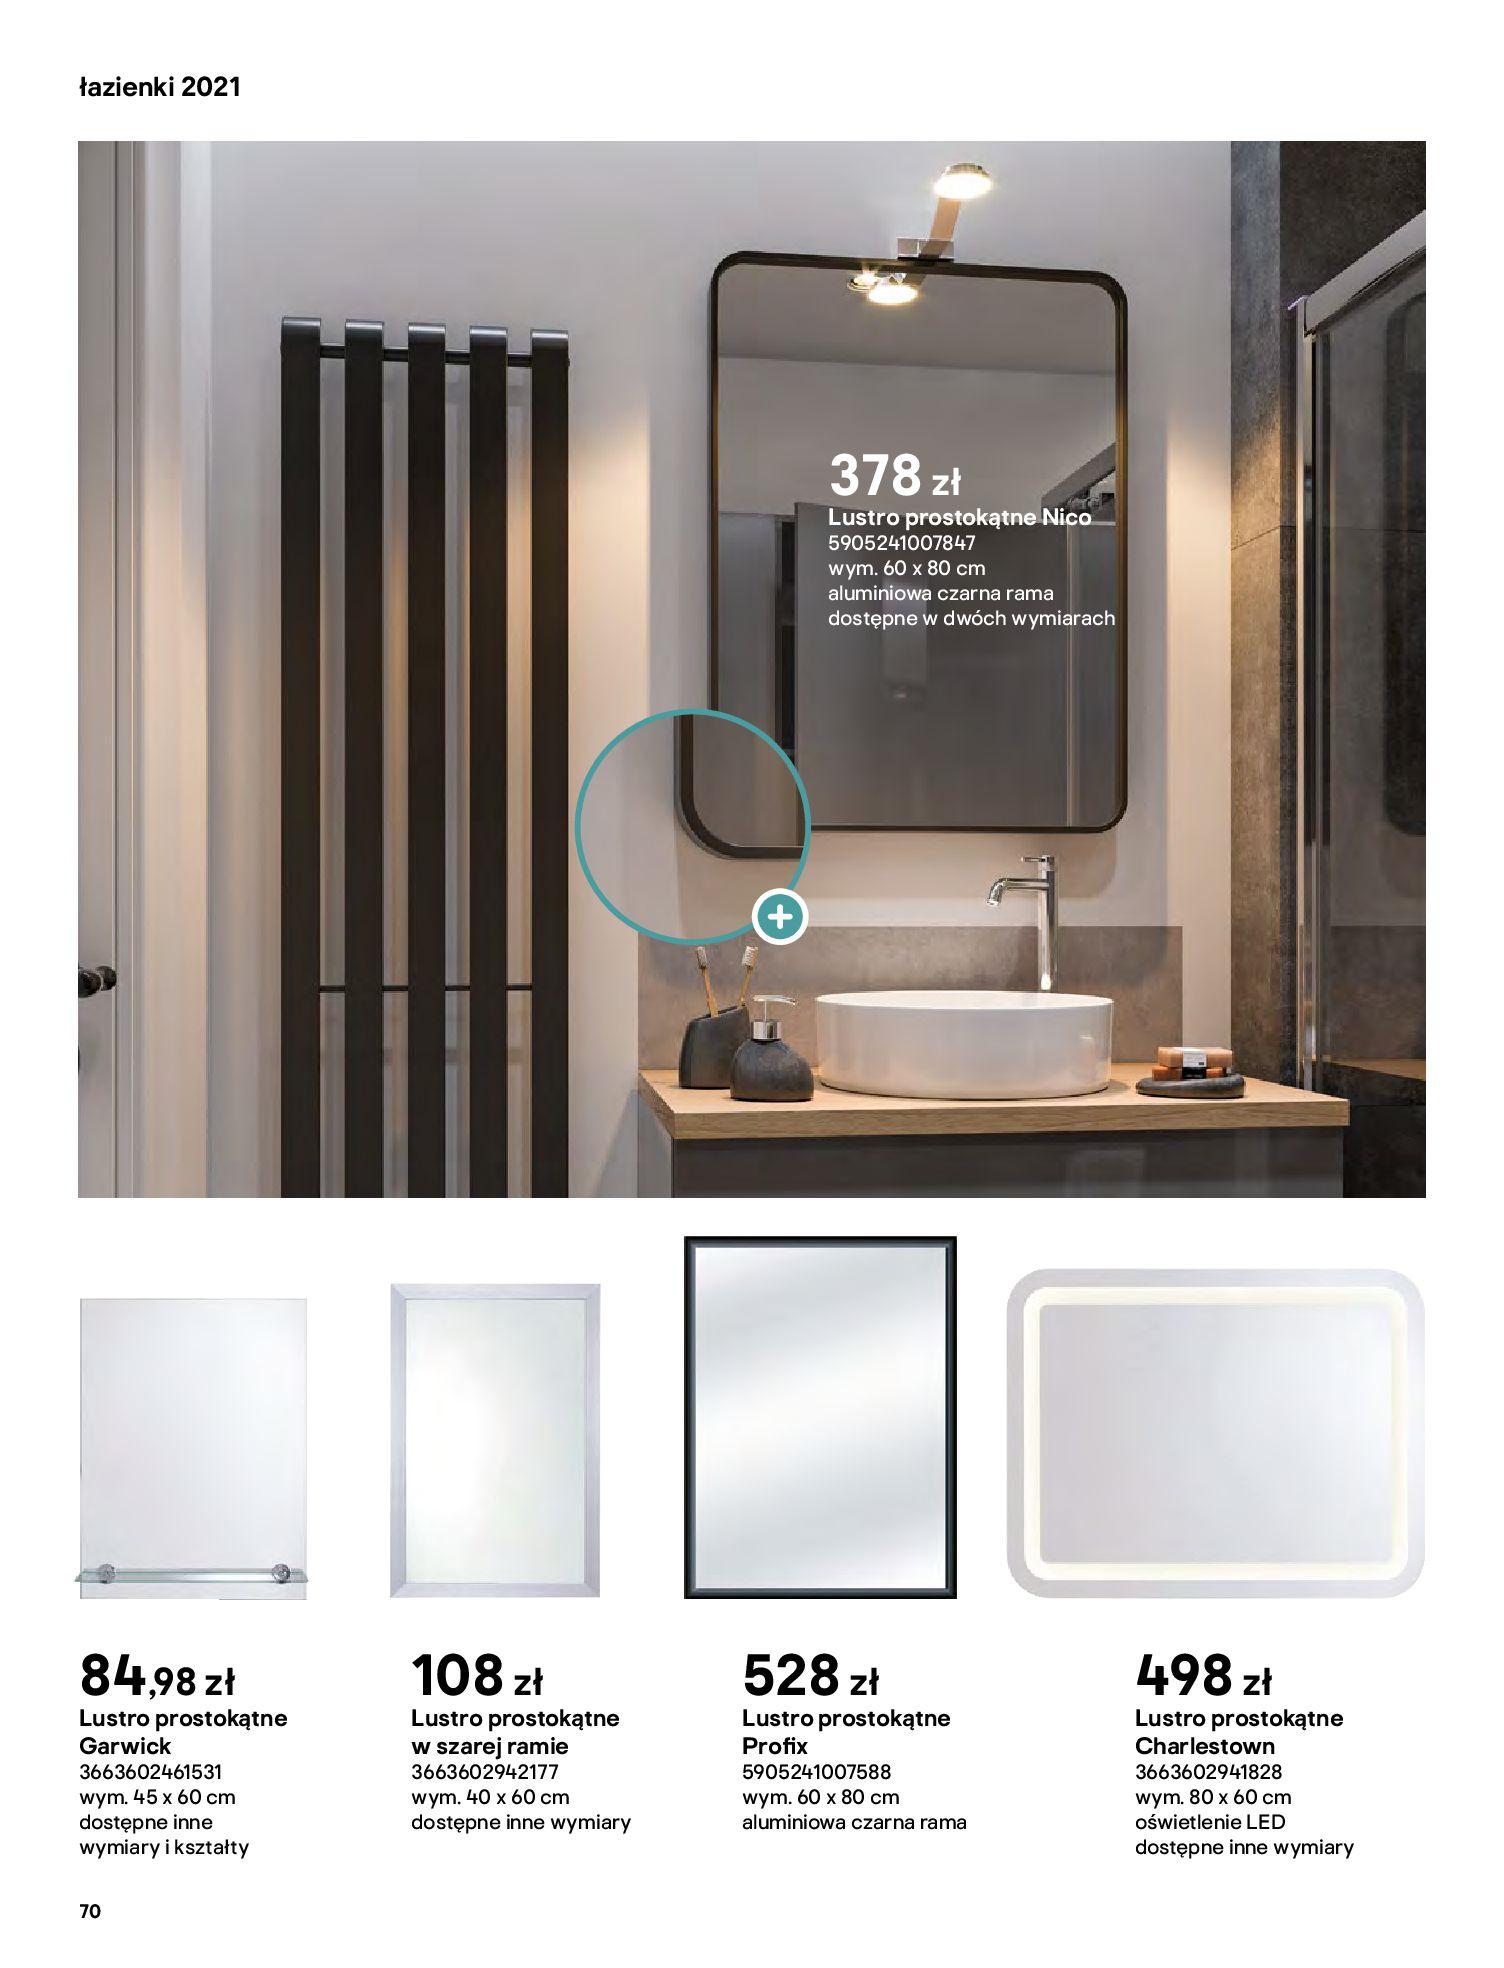 Gazetka Castorama: Gazetka Castorama - katalog łazienki 2021 2021-06-16 page-70